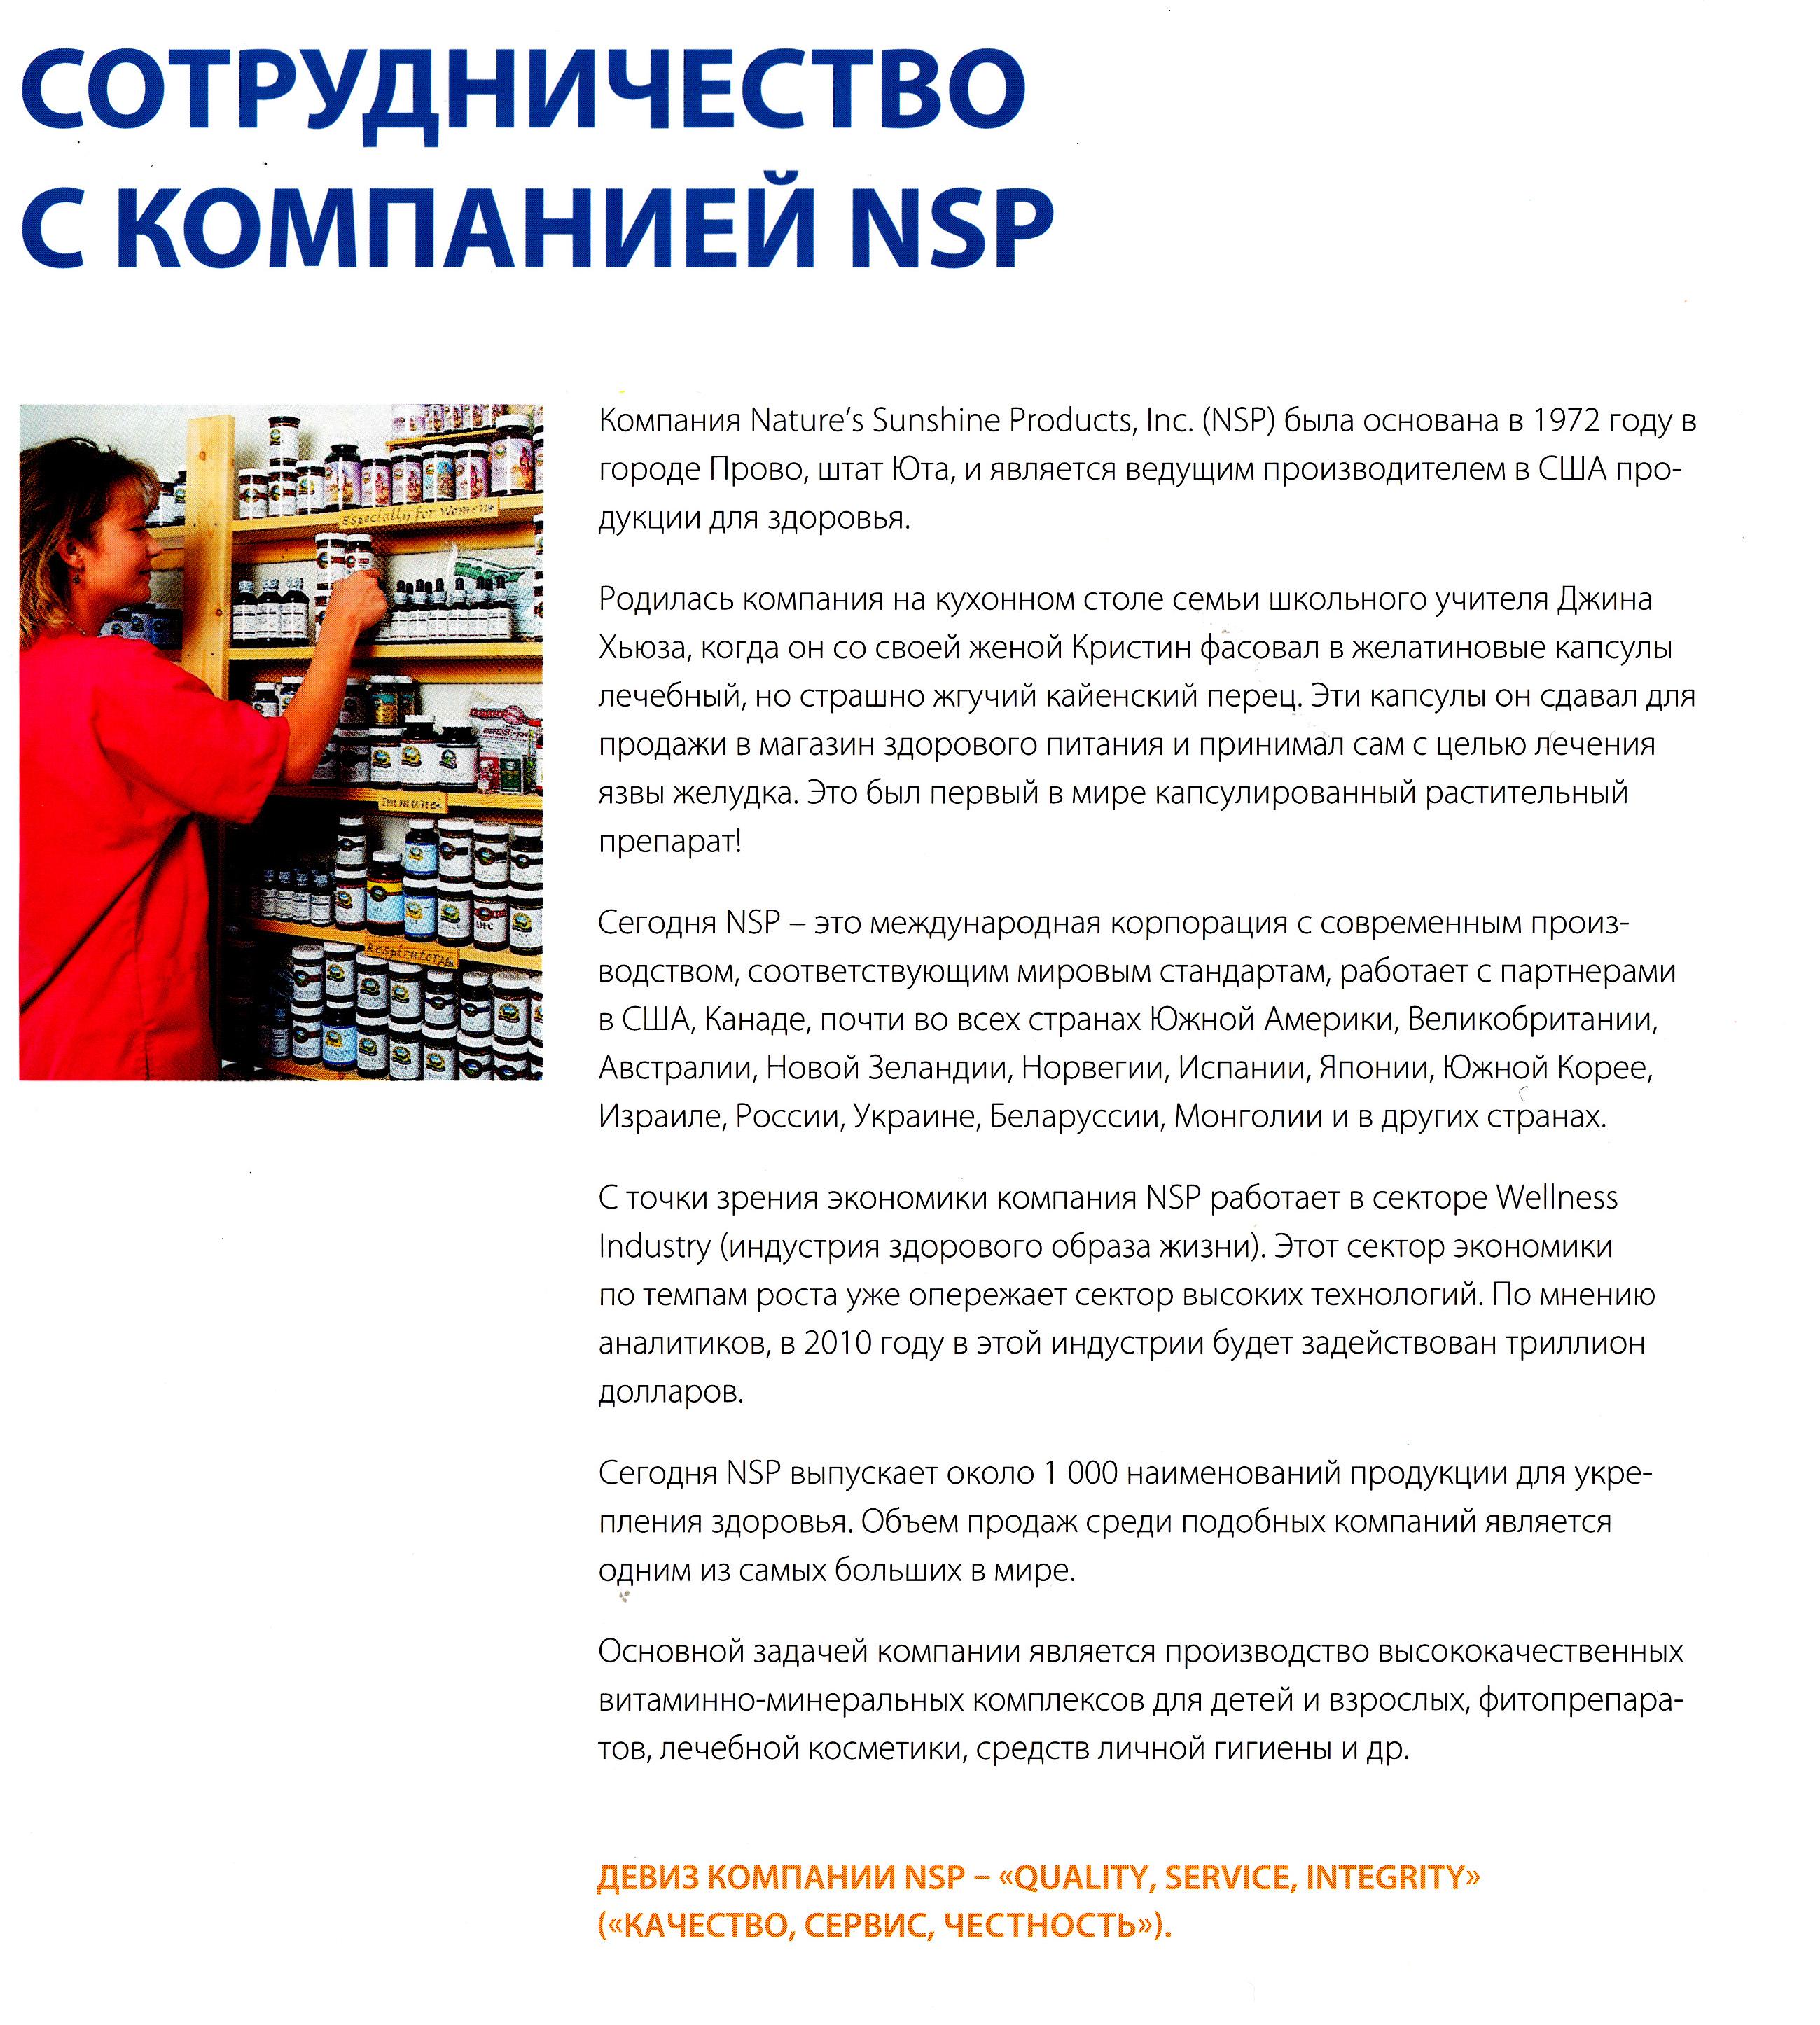 Сотрудничество с компанией NSP